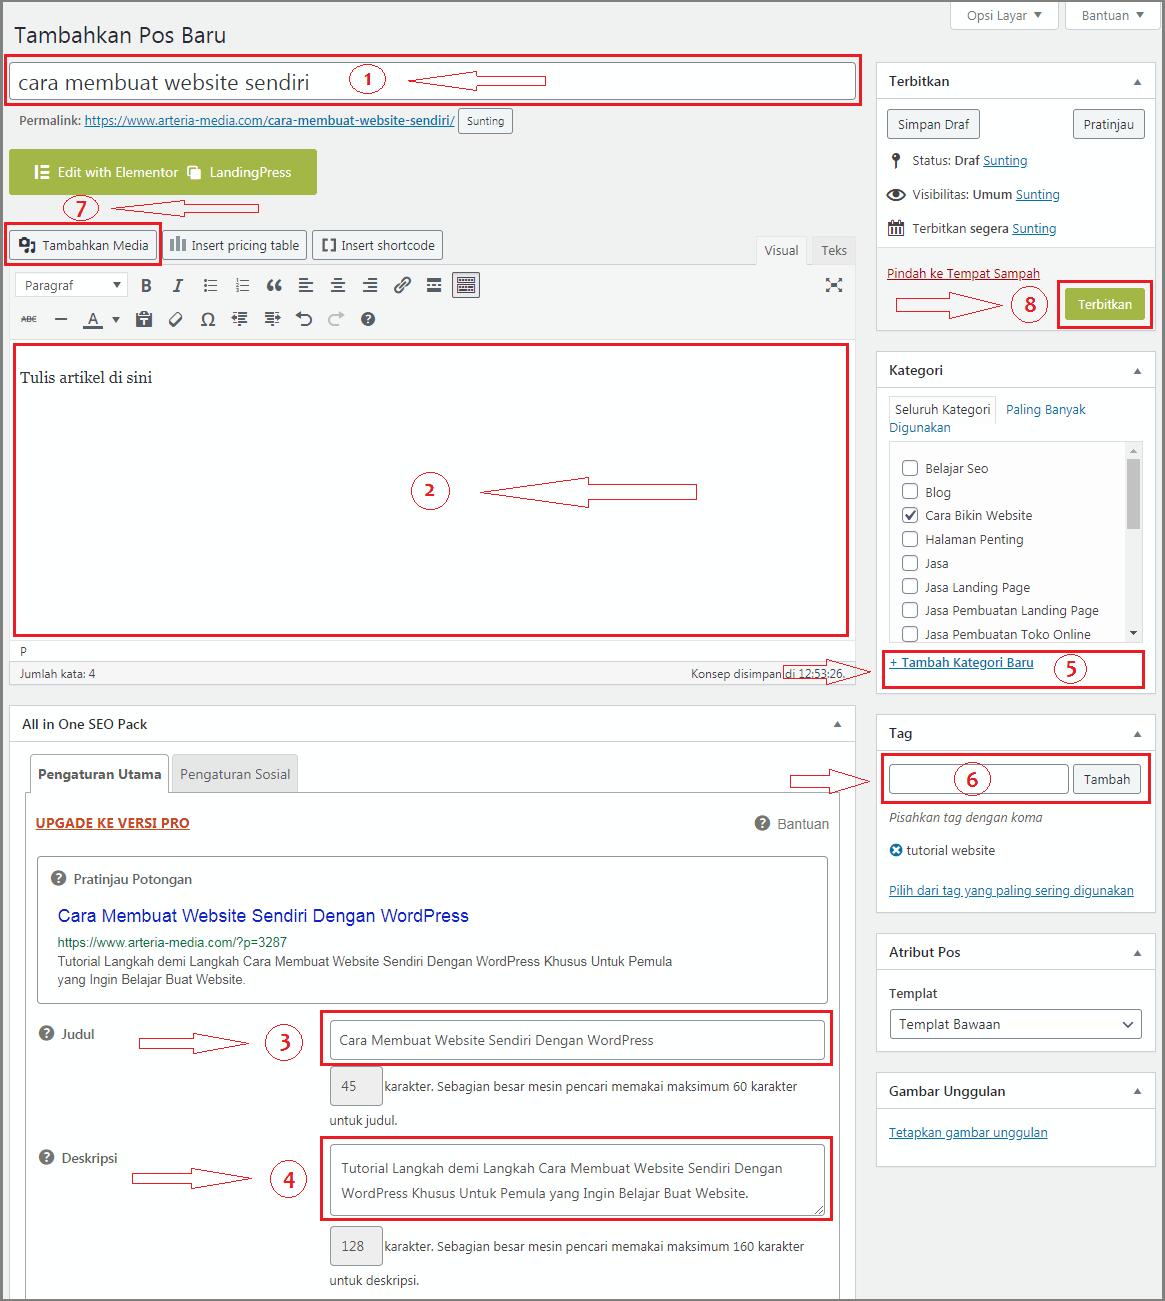 cara membuat website di wordpress posting